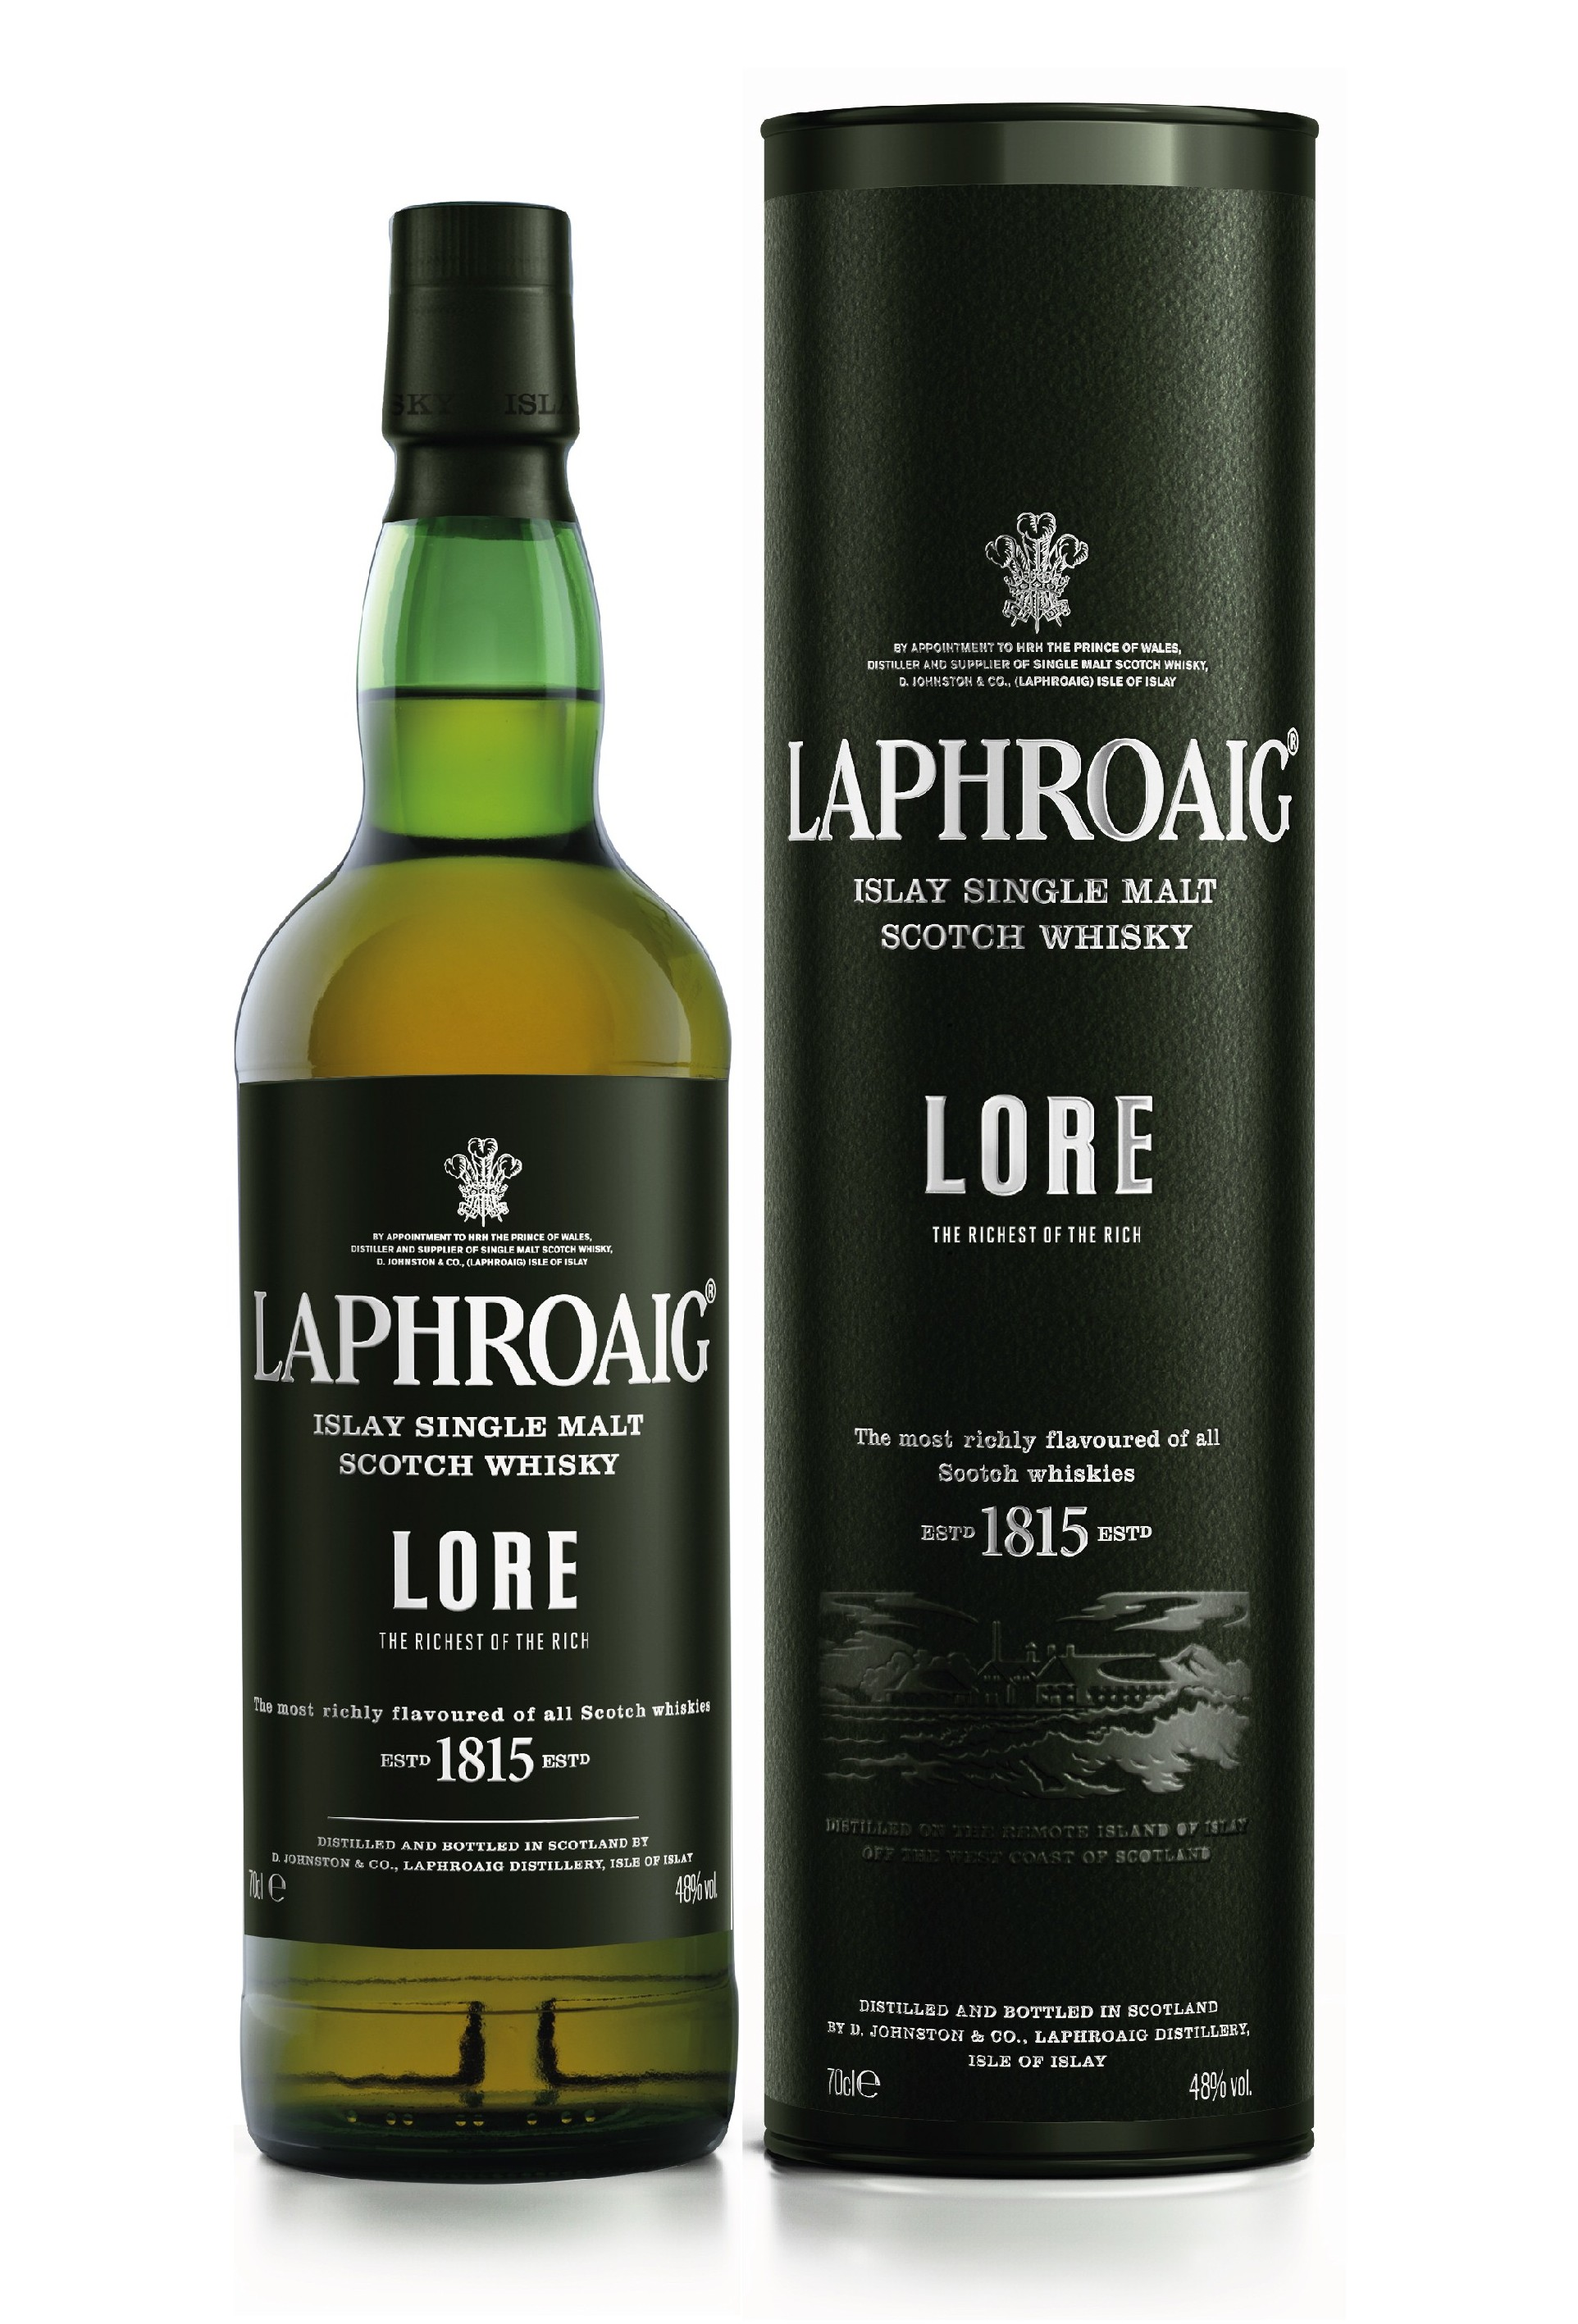 Traditionsreicher Neuzugang: Laphroaig Lore erweitert Premium-Segment